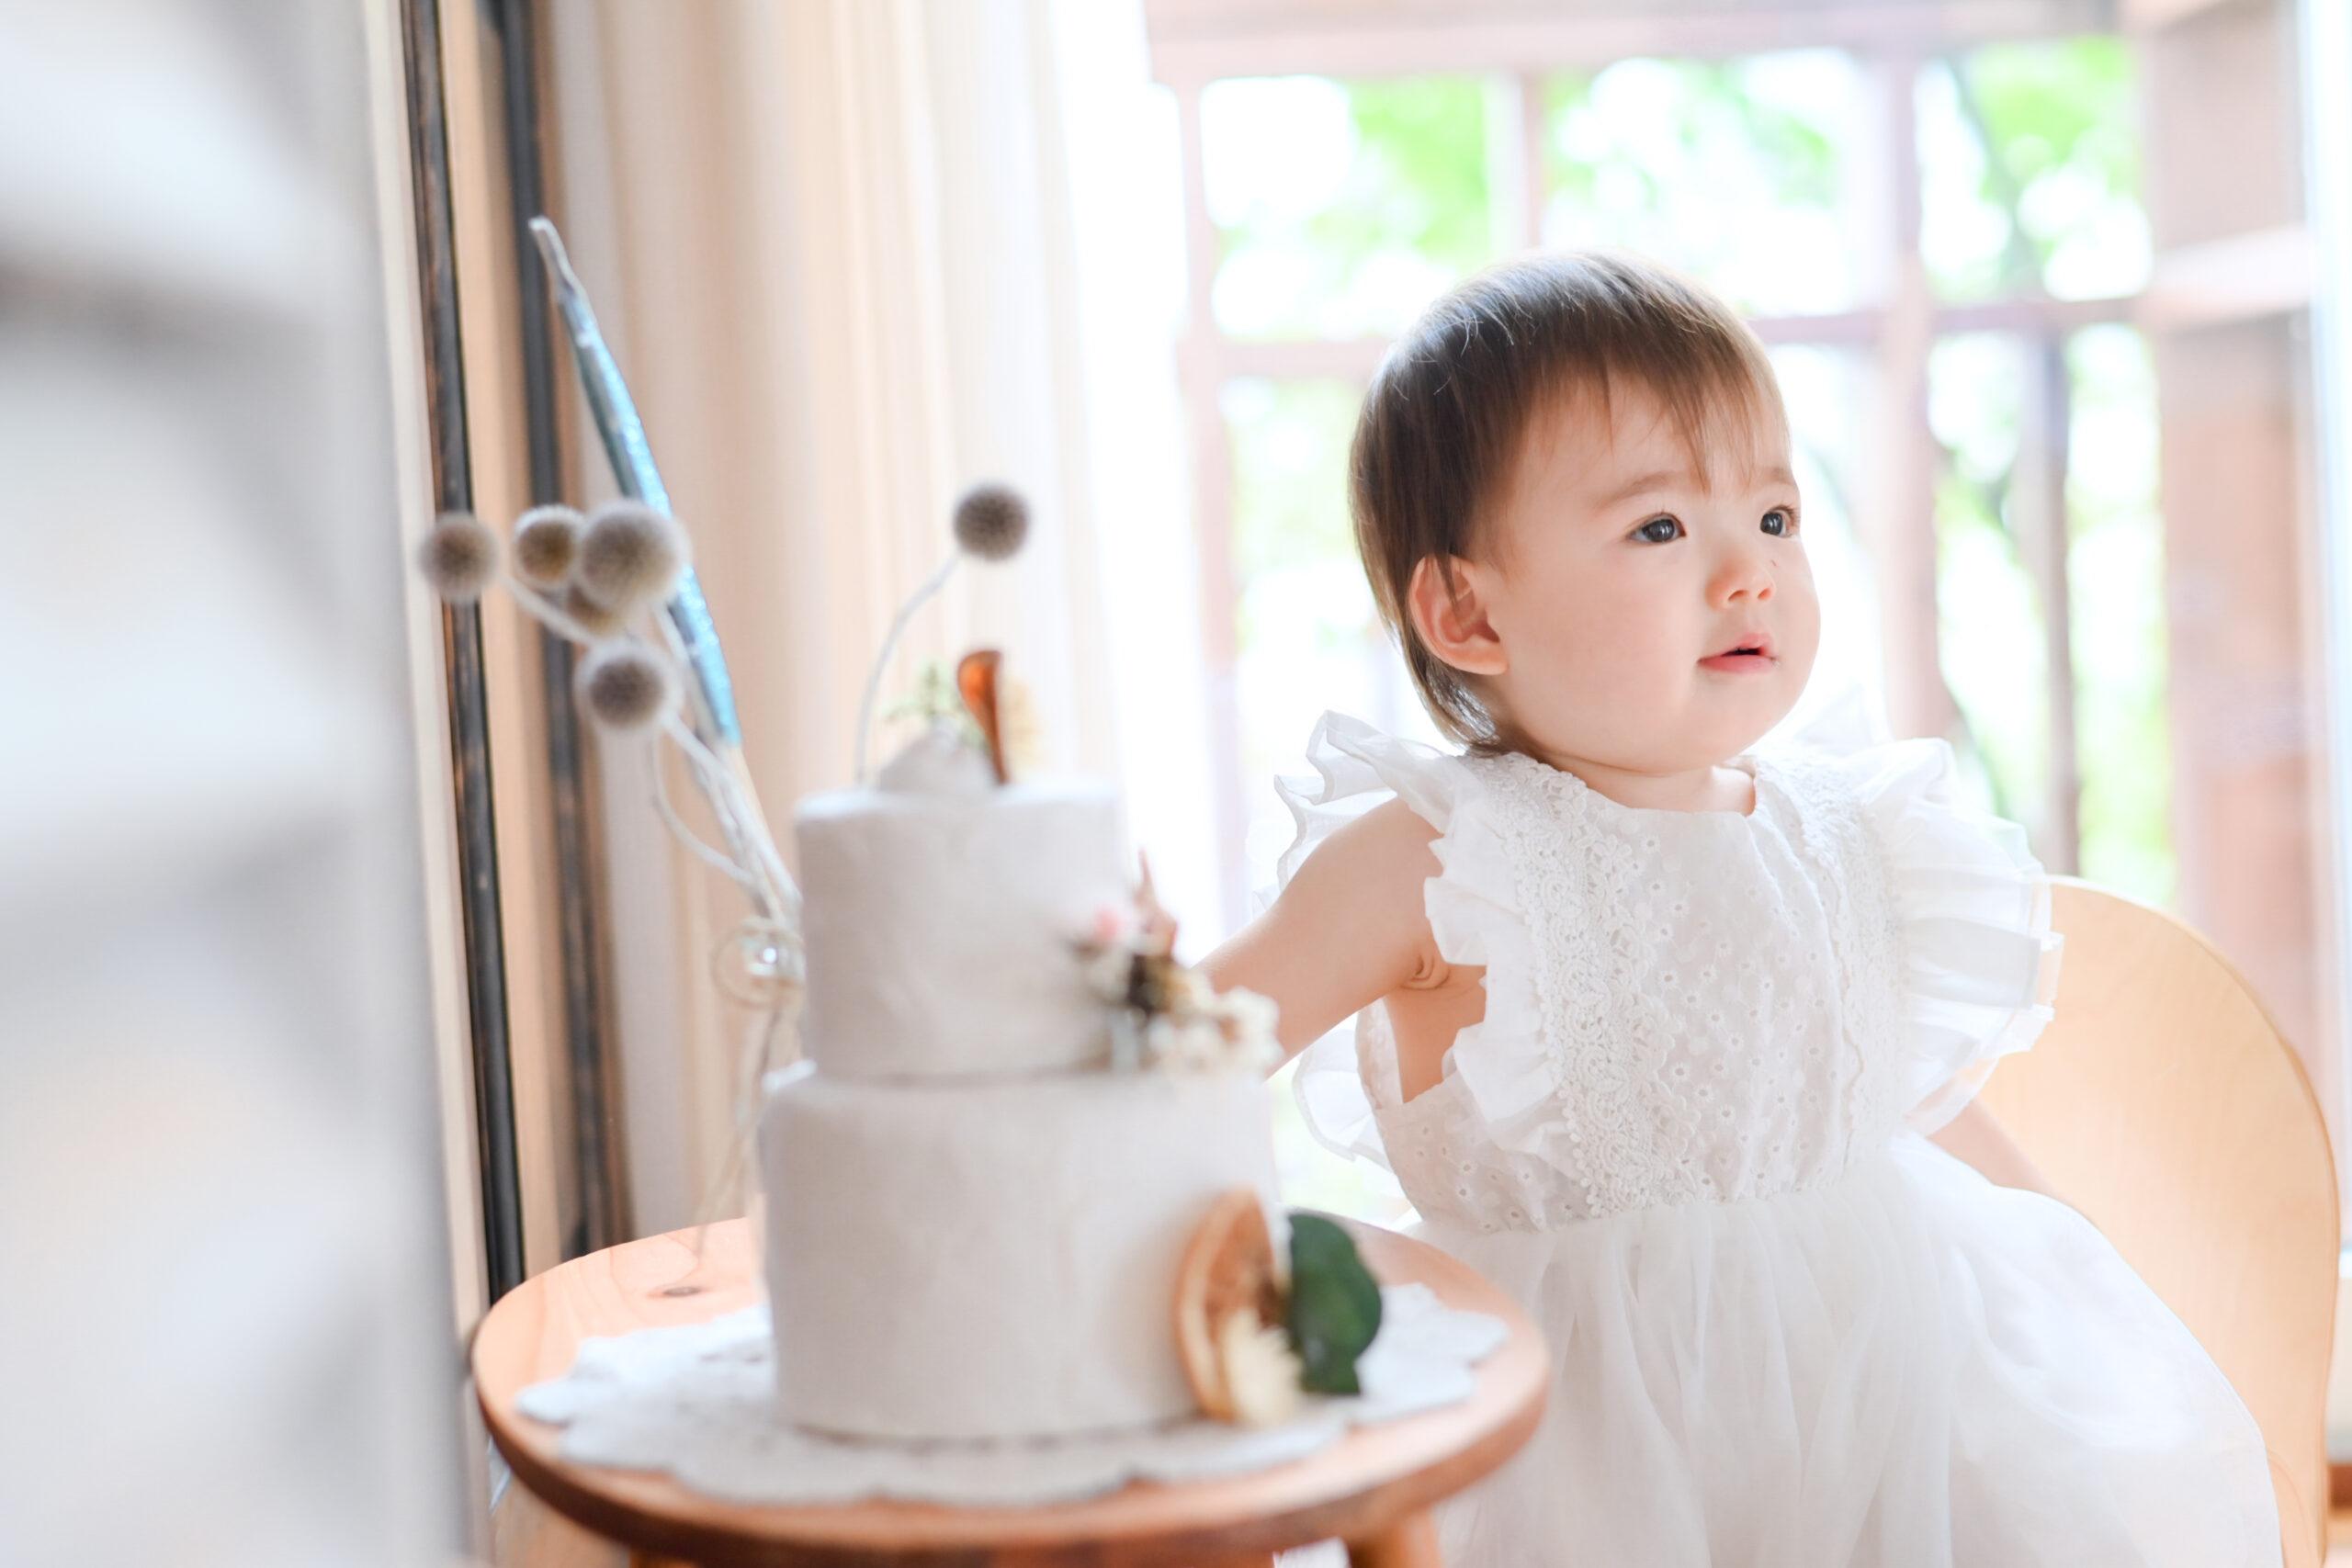 1歳 誕生日 女の子 おめでとう 宇都宮フォトスタジオ フォトジェニックサクラスタジオ ケーキと一緒に